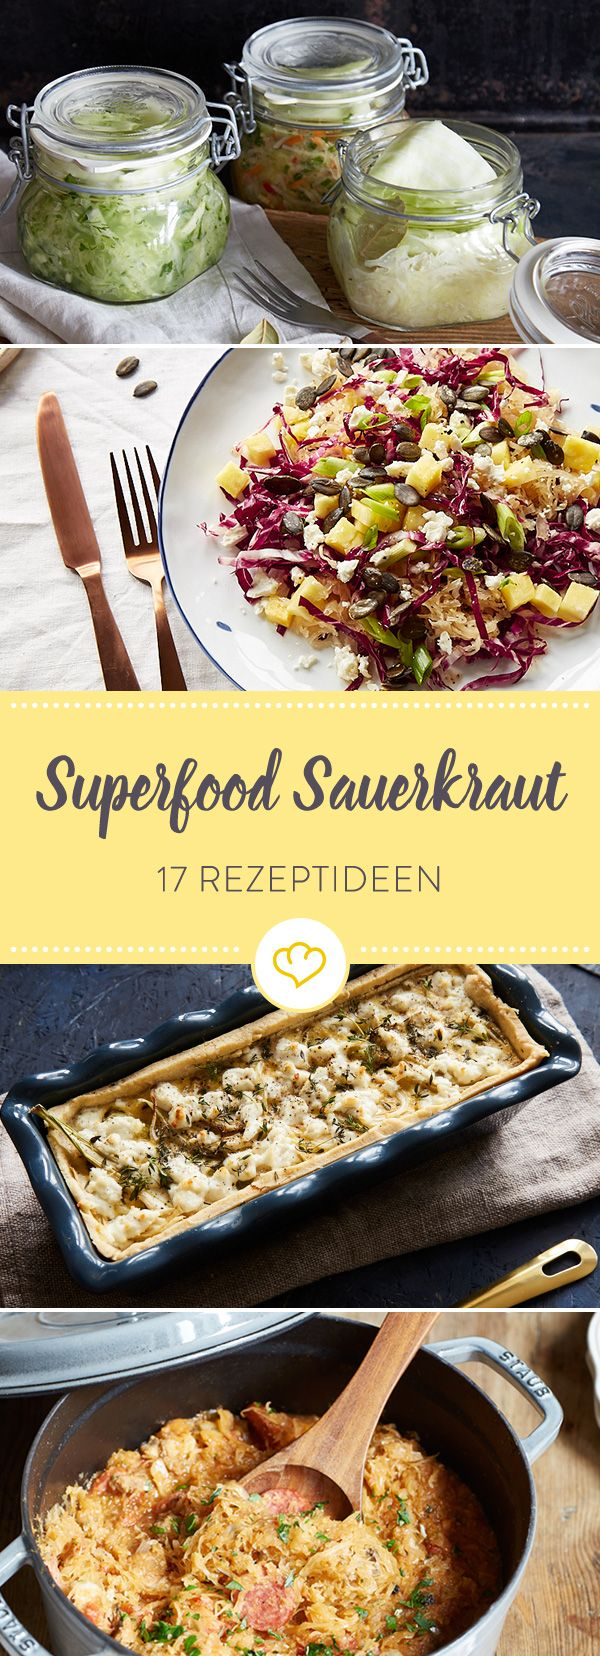 17 Sauerkrautrezepte, die Lust auf die kalte Jahreszeit machen